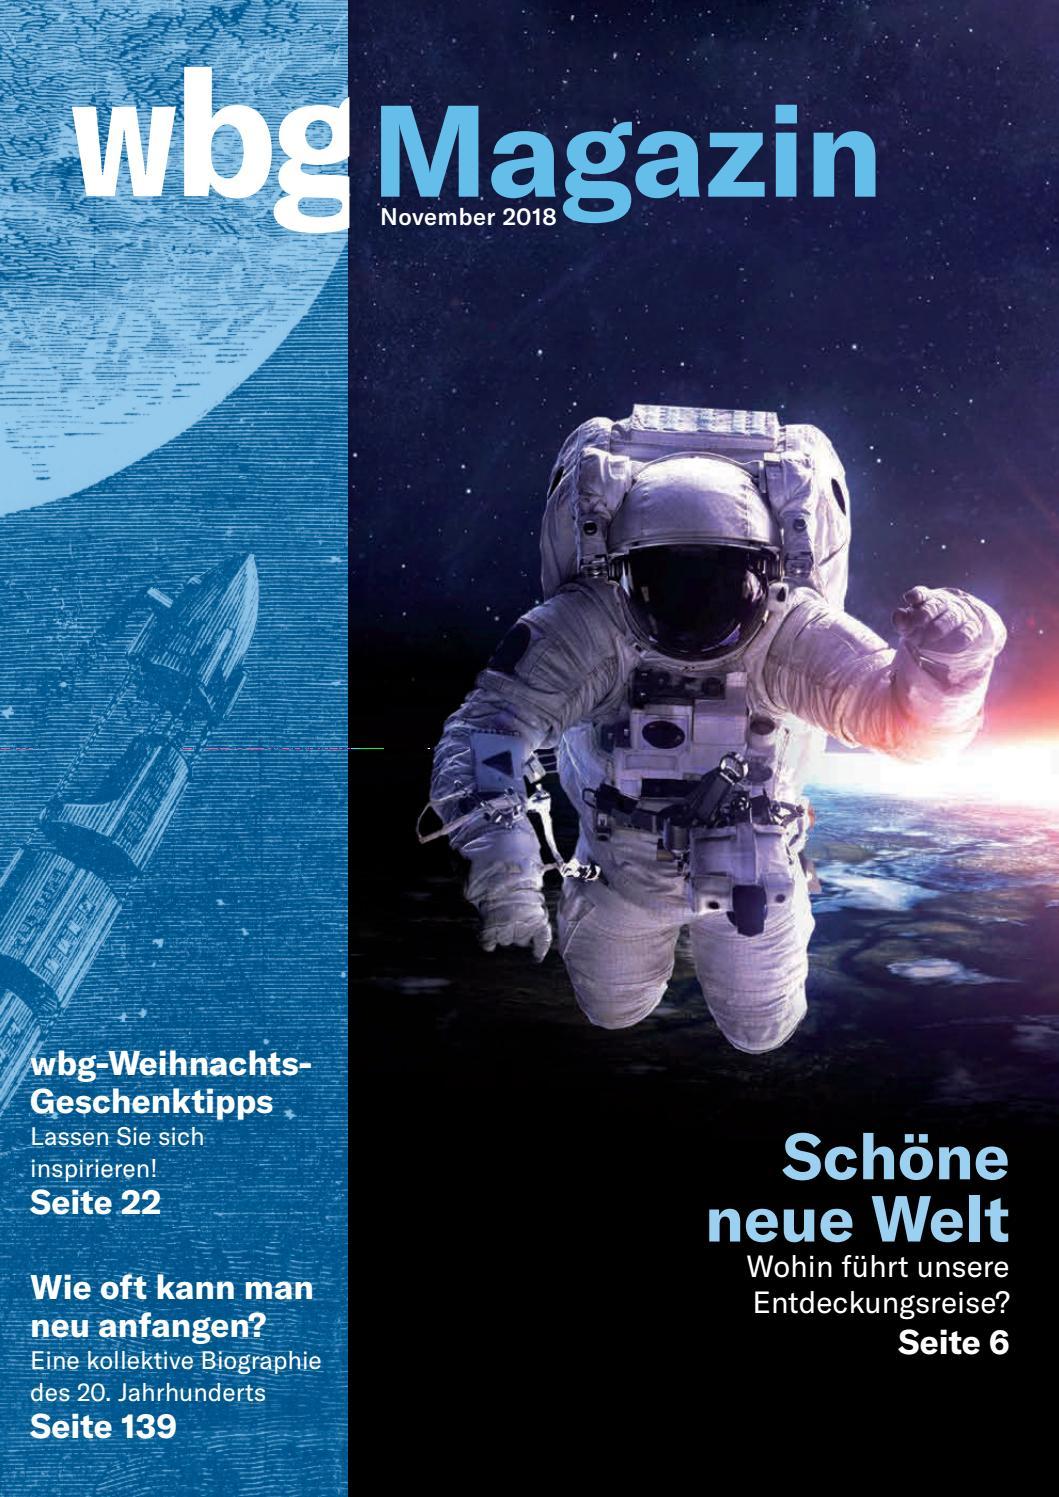 wbg-Magazin 04/2018 by wbg – Wissen. Bildung. Gemeinschaft. - issuu